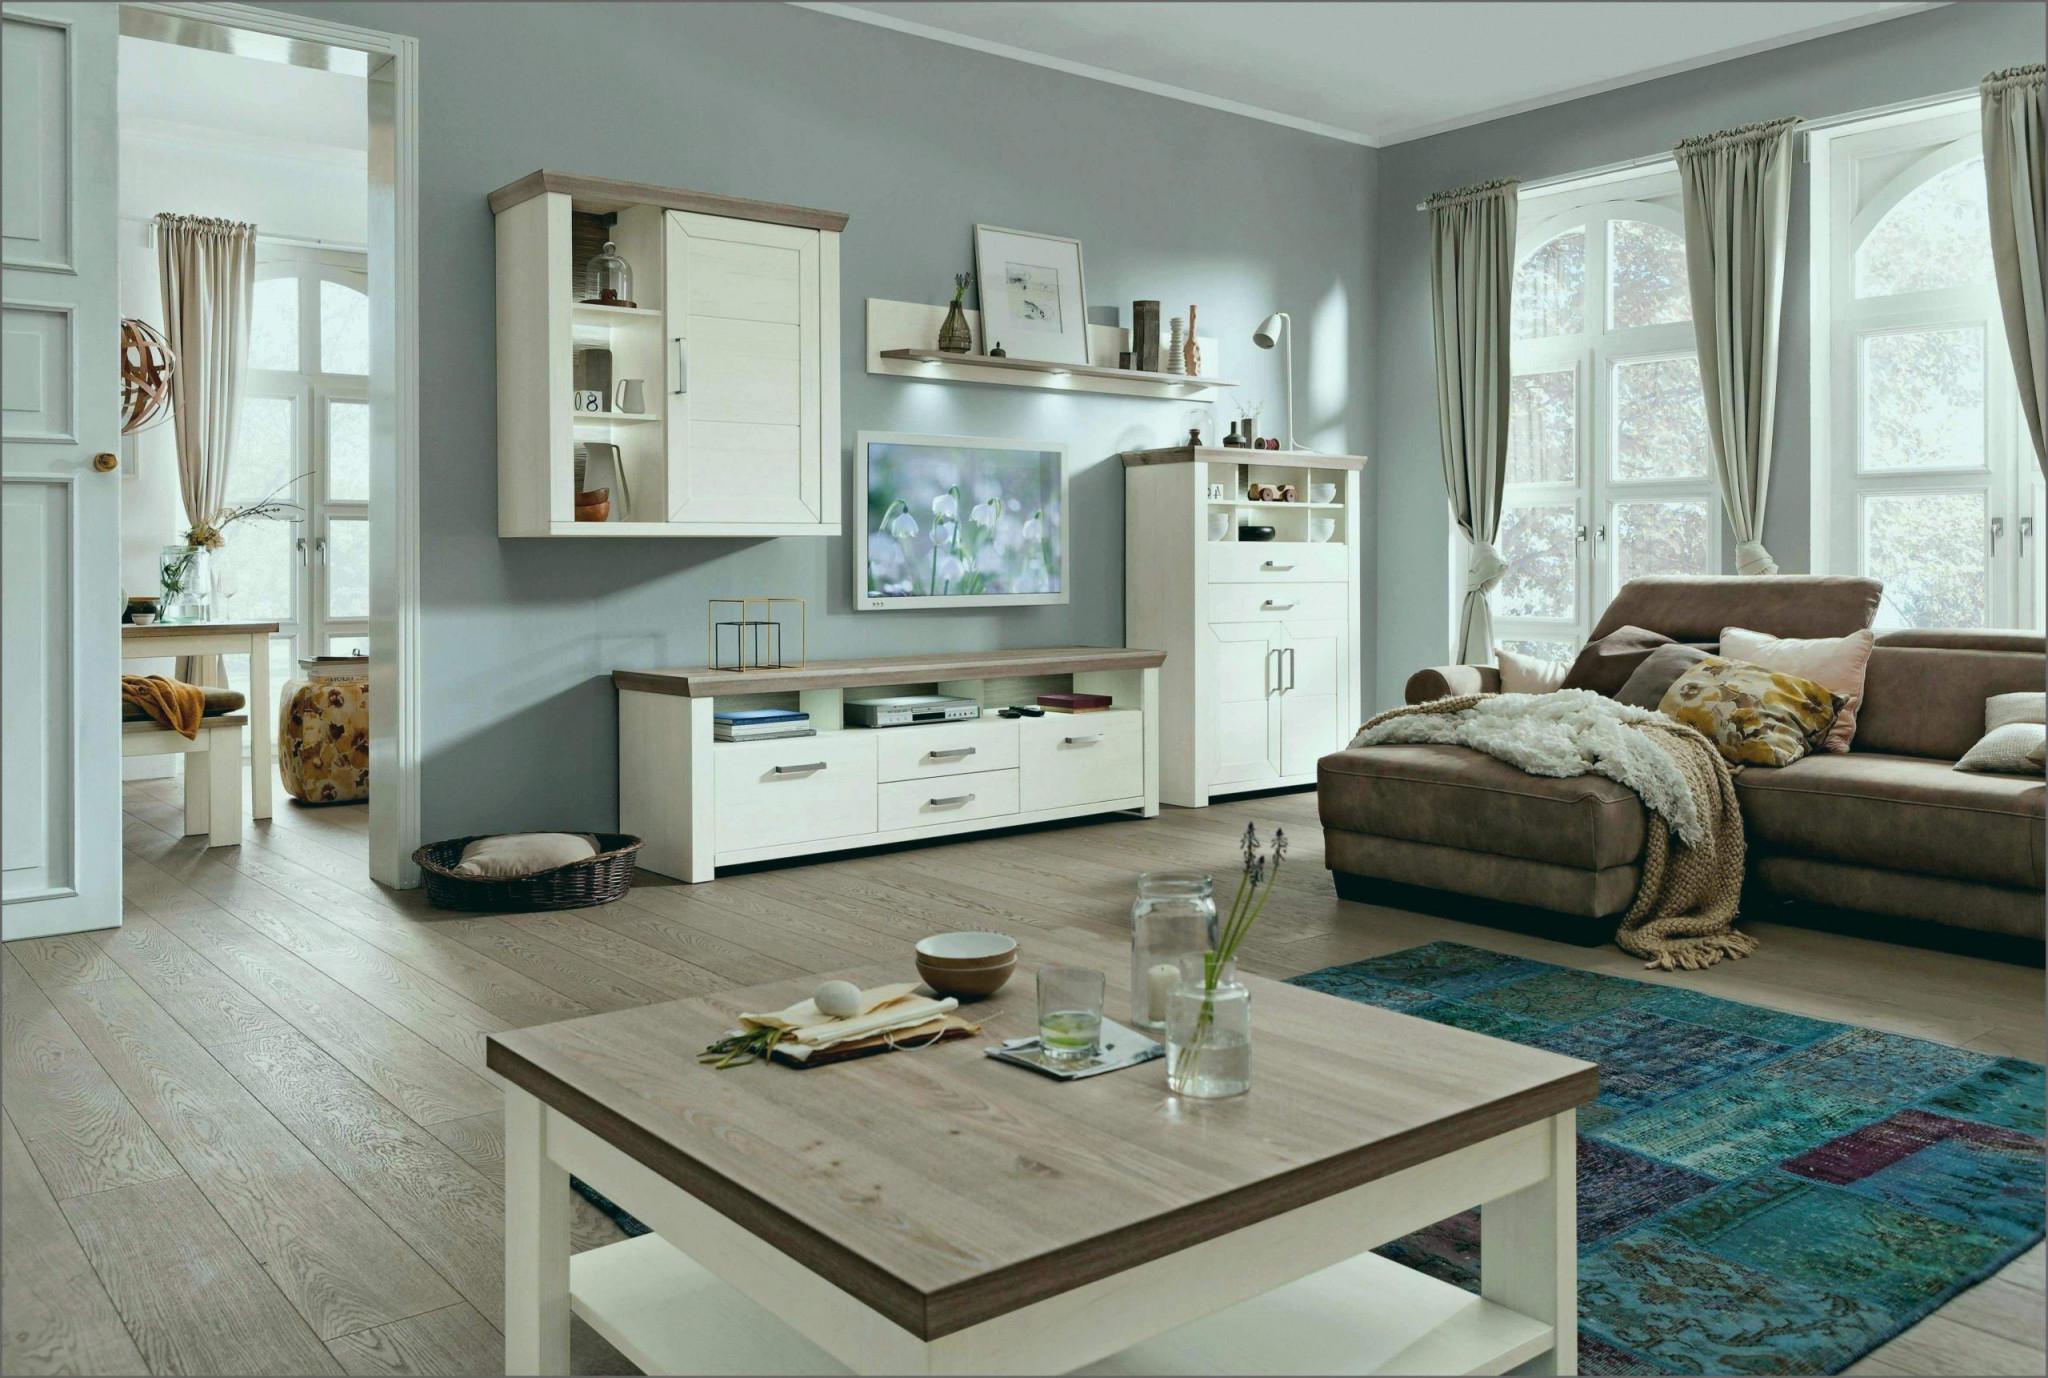 Wohnzimmer Gemütlich Gestalten Elegant 33 Großartig Und von Wohnzimmer Gemütlich Gestalten Bild